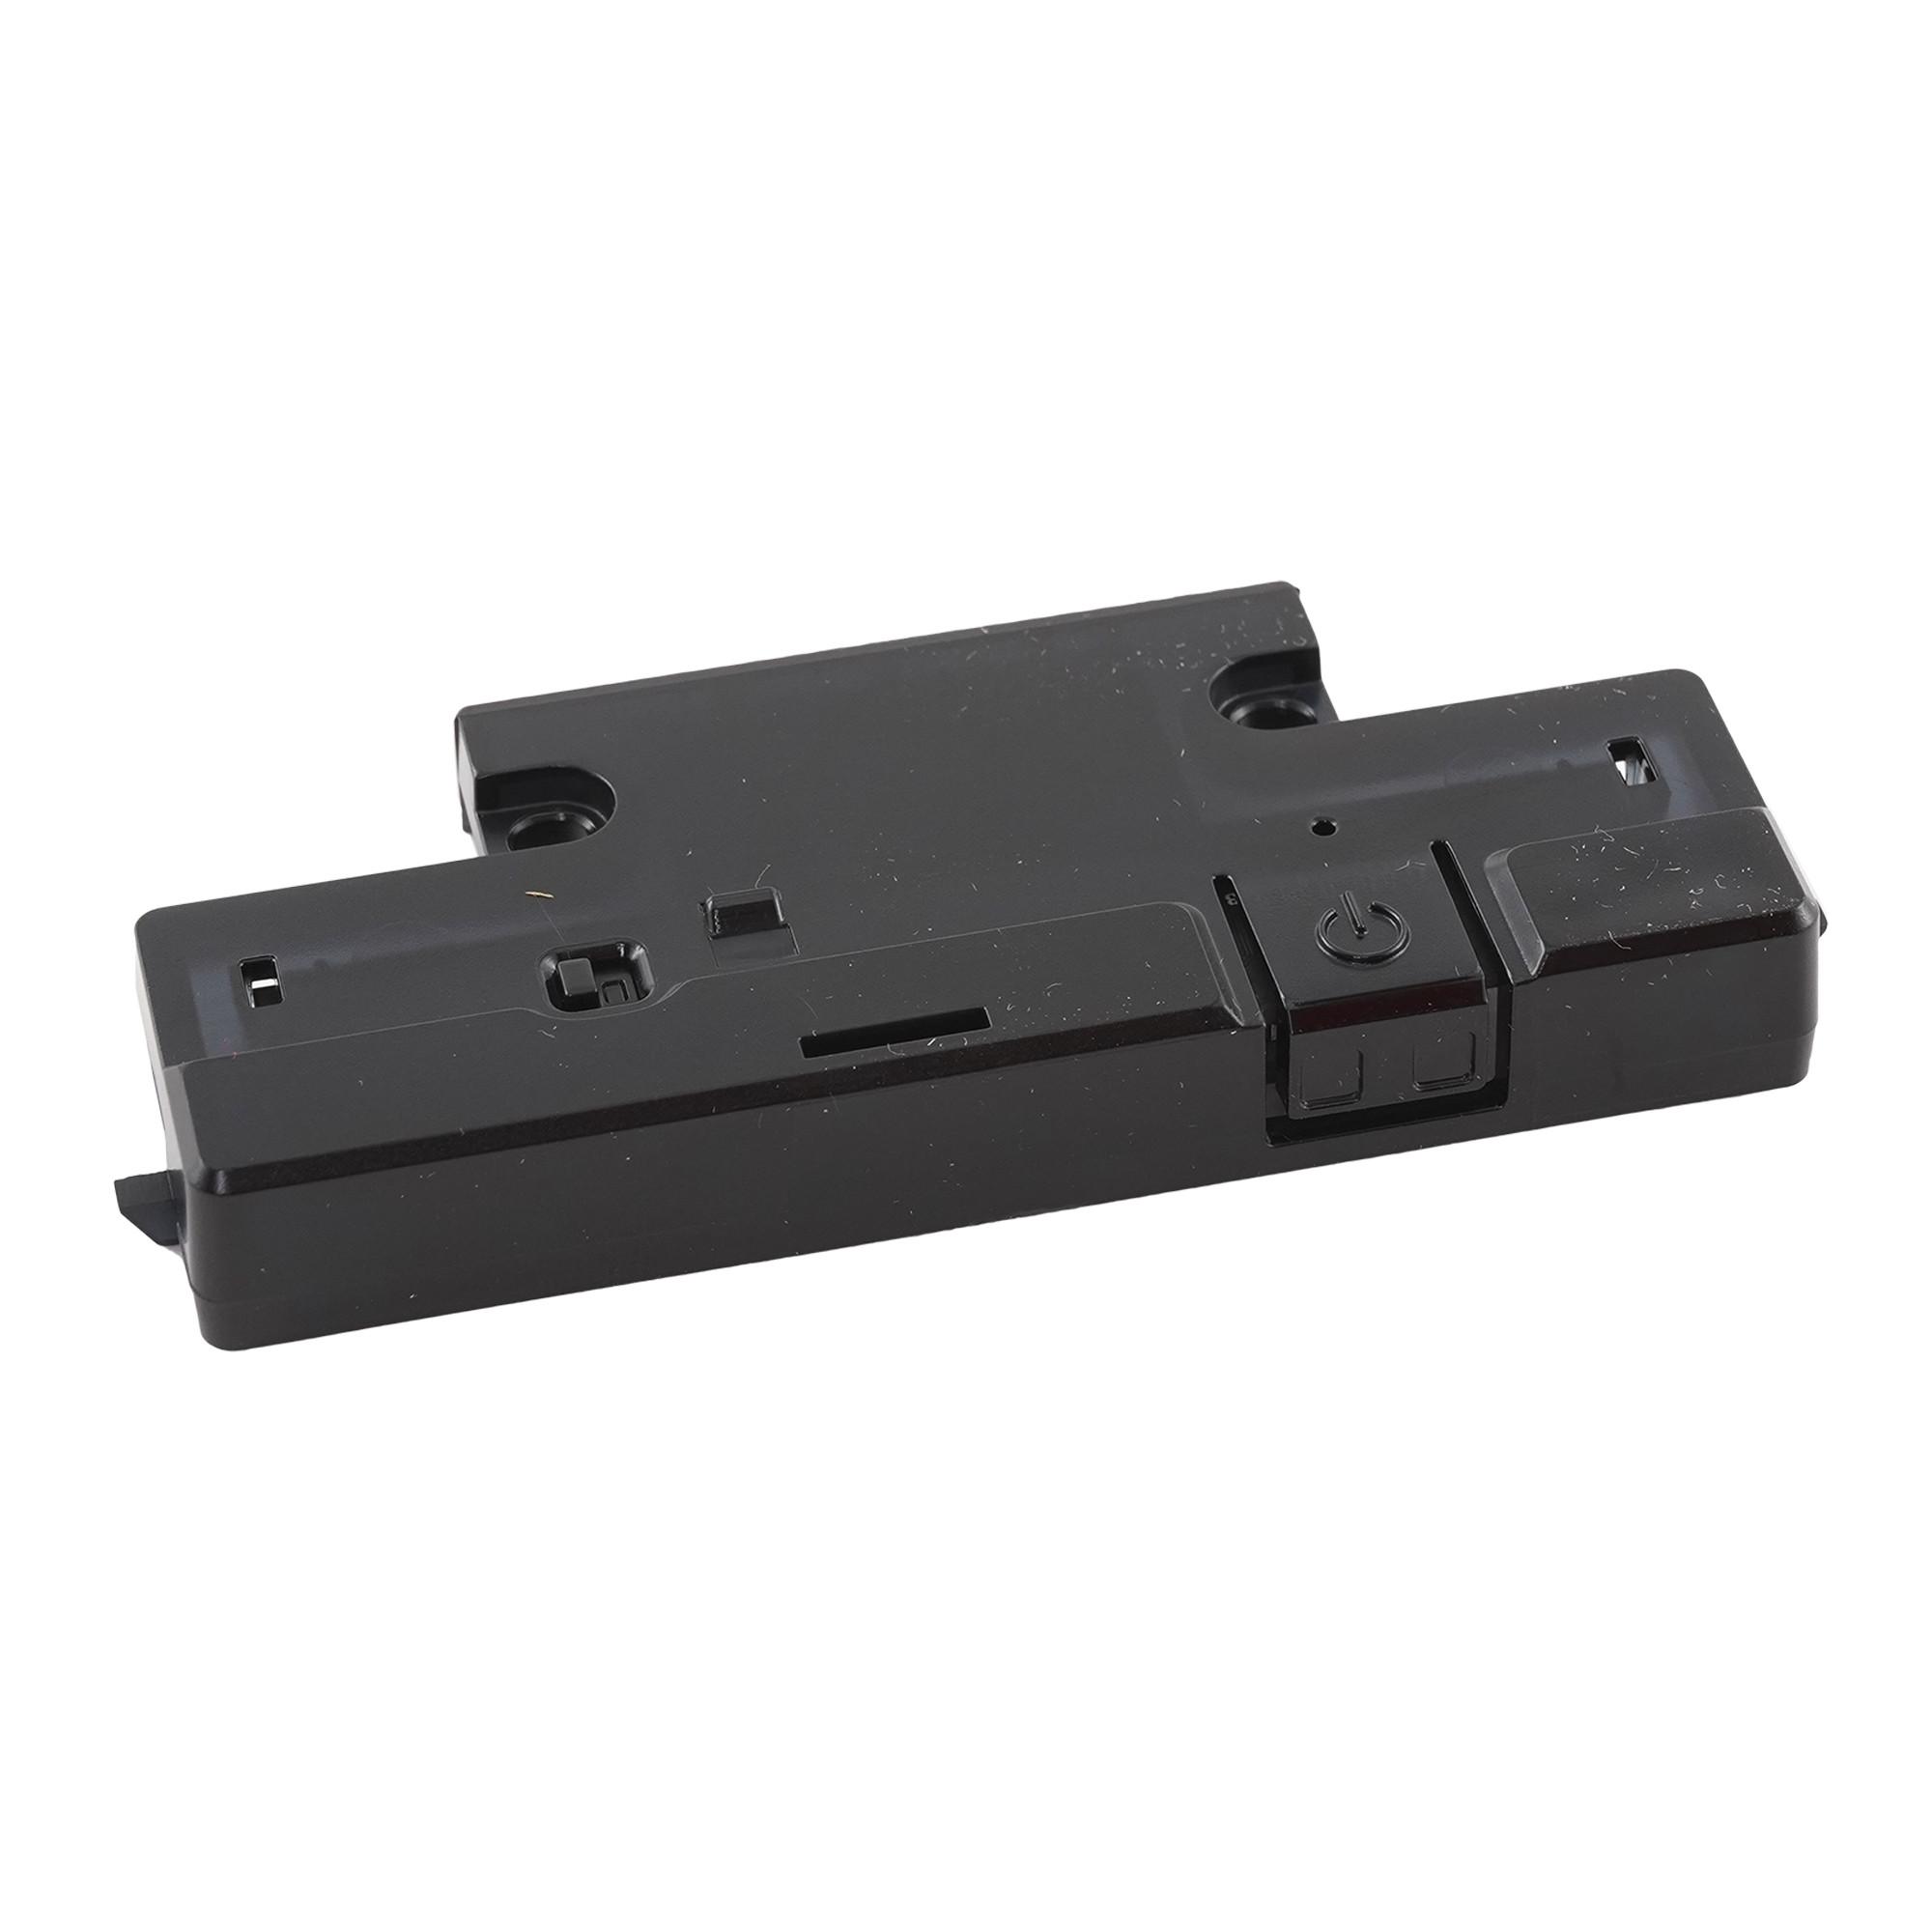 Модуль для телевизора Samsung Wi-Fi/Bluetooth BN59-01339A